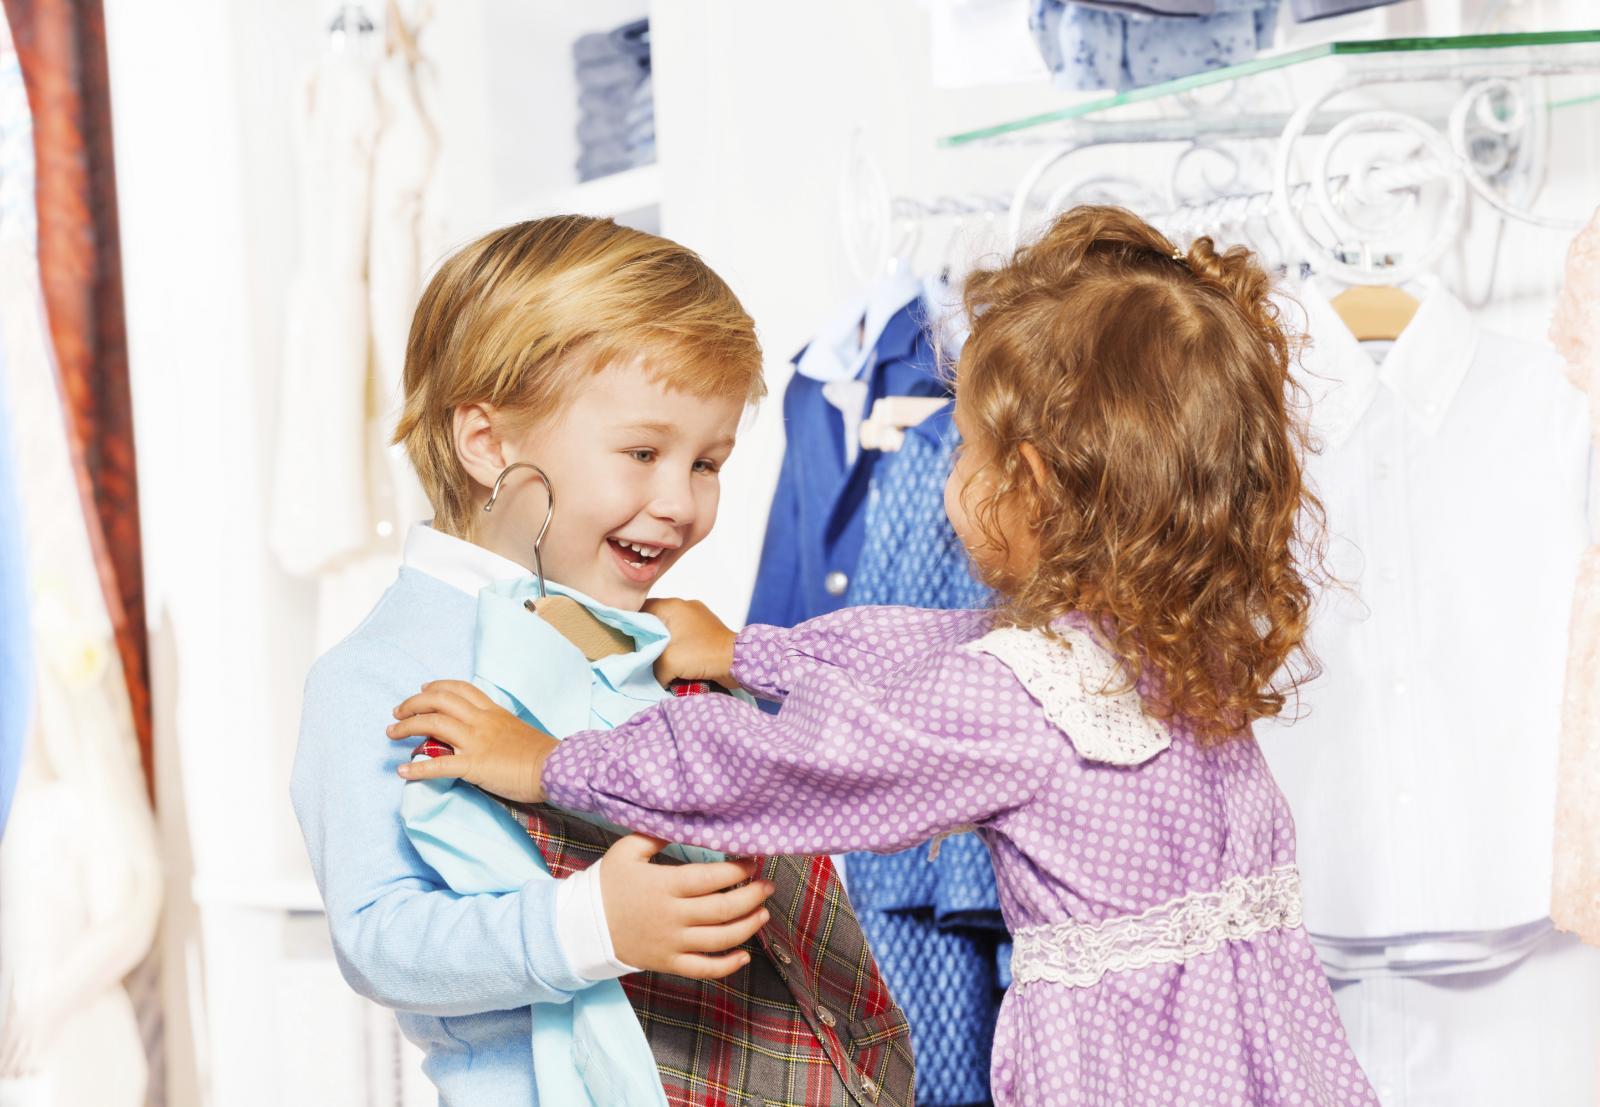 Posebno oprezni trebali bismo biti pri odabiru odjeće za djecu jer je njihova mlada koža osjetljivija od naše.